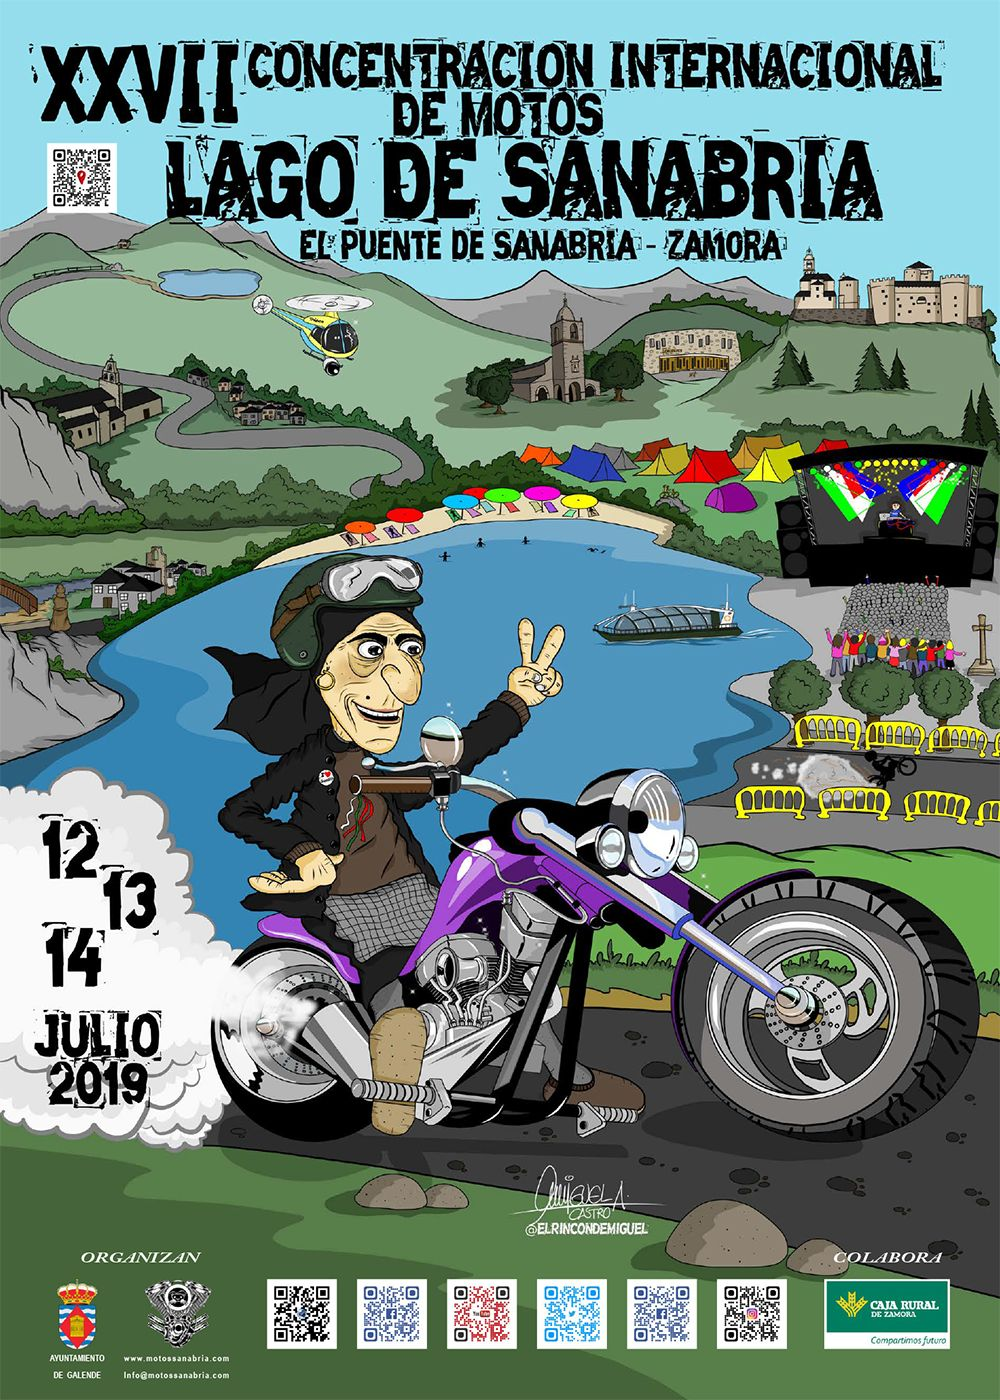 Concentración de Motos Lago de Sanabria XXVII